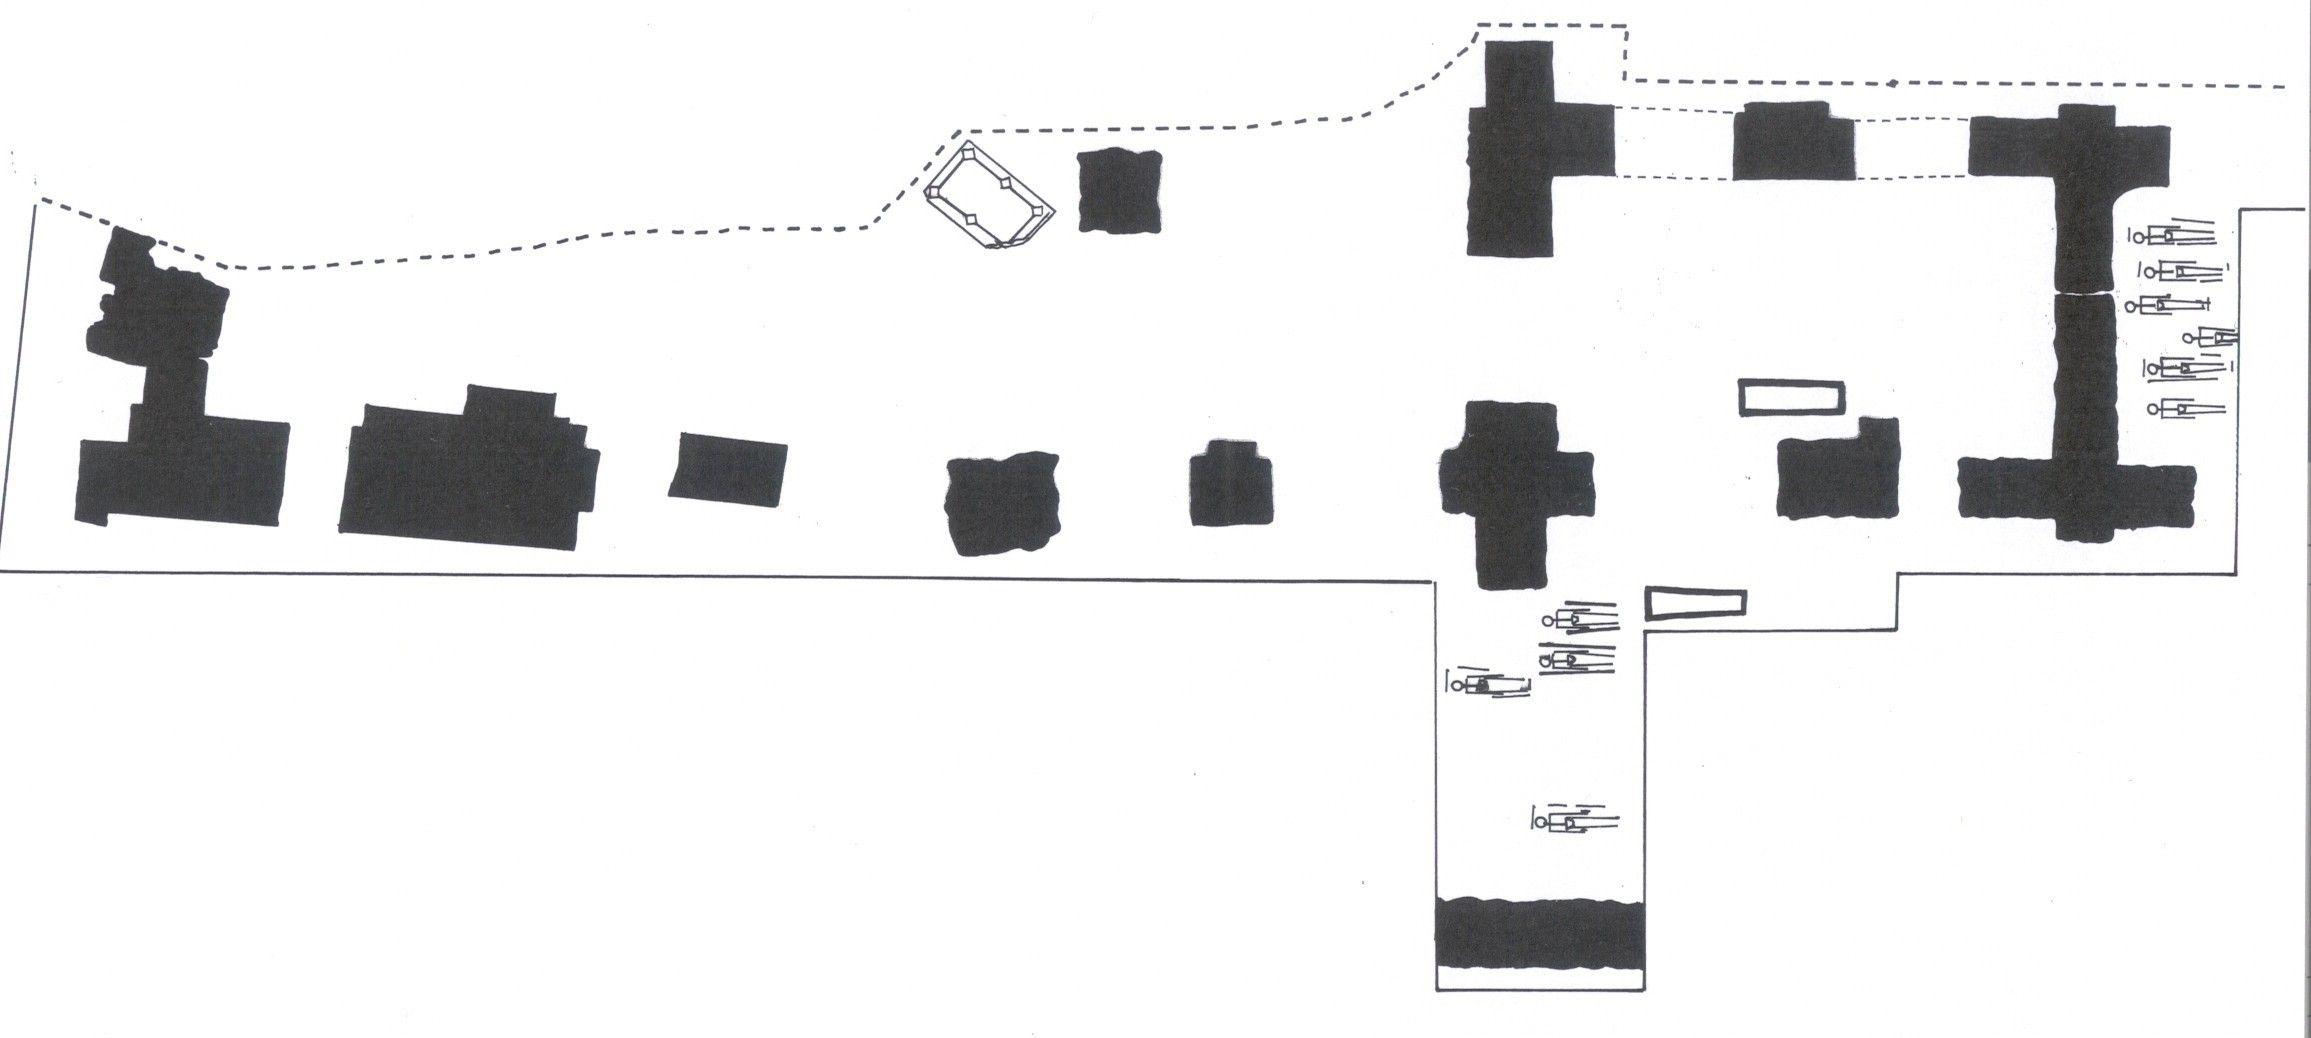 Plattegrond van de in 1995 opgegraven resten van de kerk van Nieuwerkerke. In het middenschip lag de grote grafsteen. (Beeldbank SCEZ)